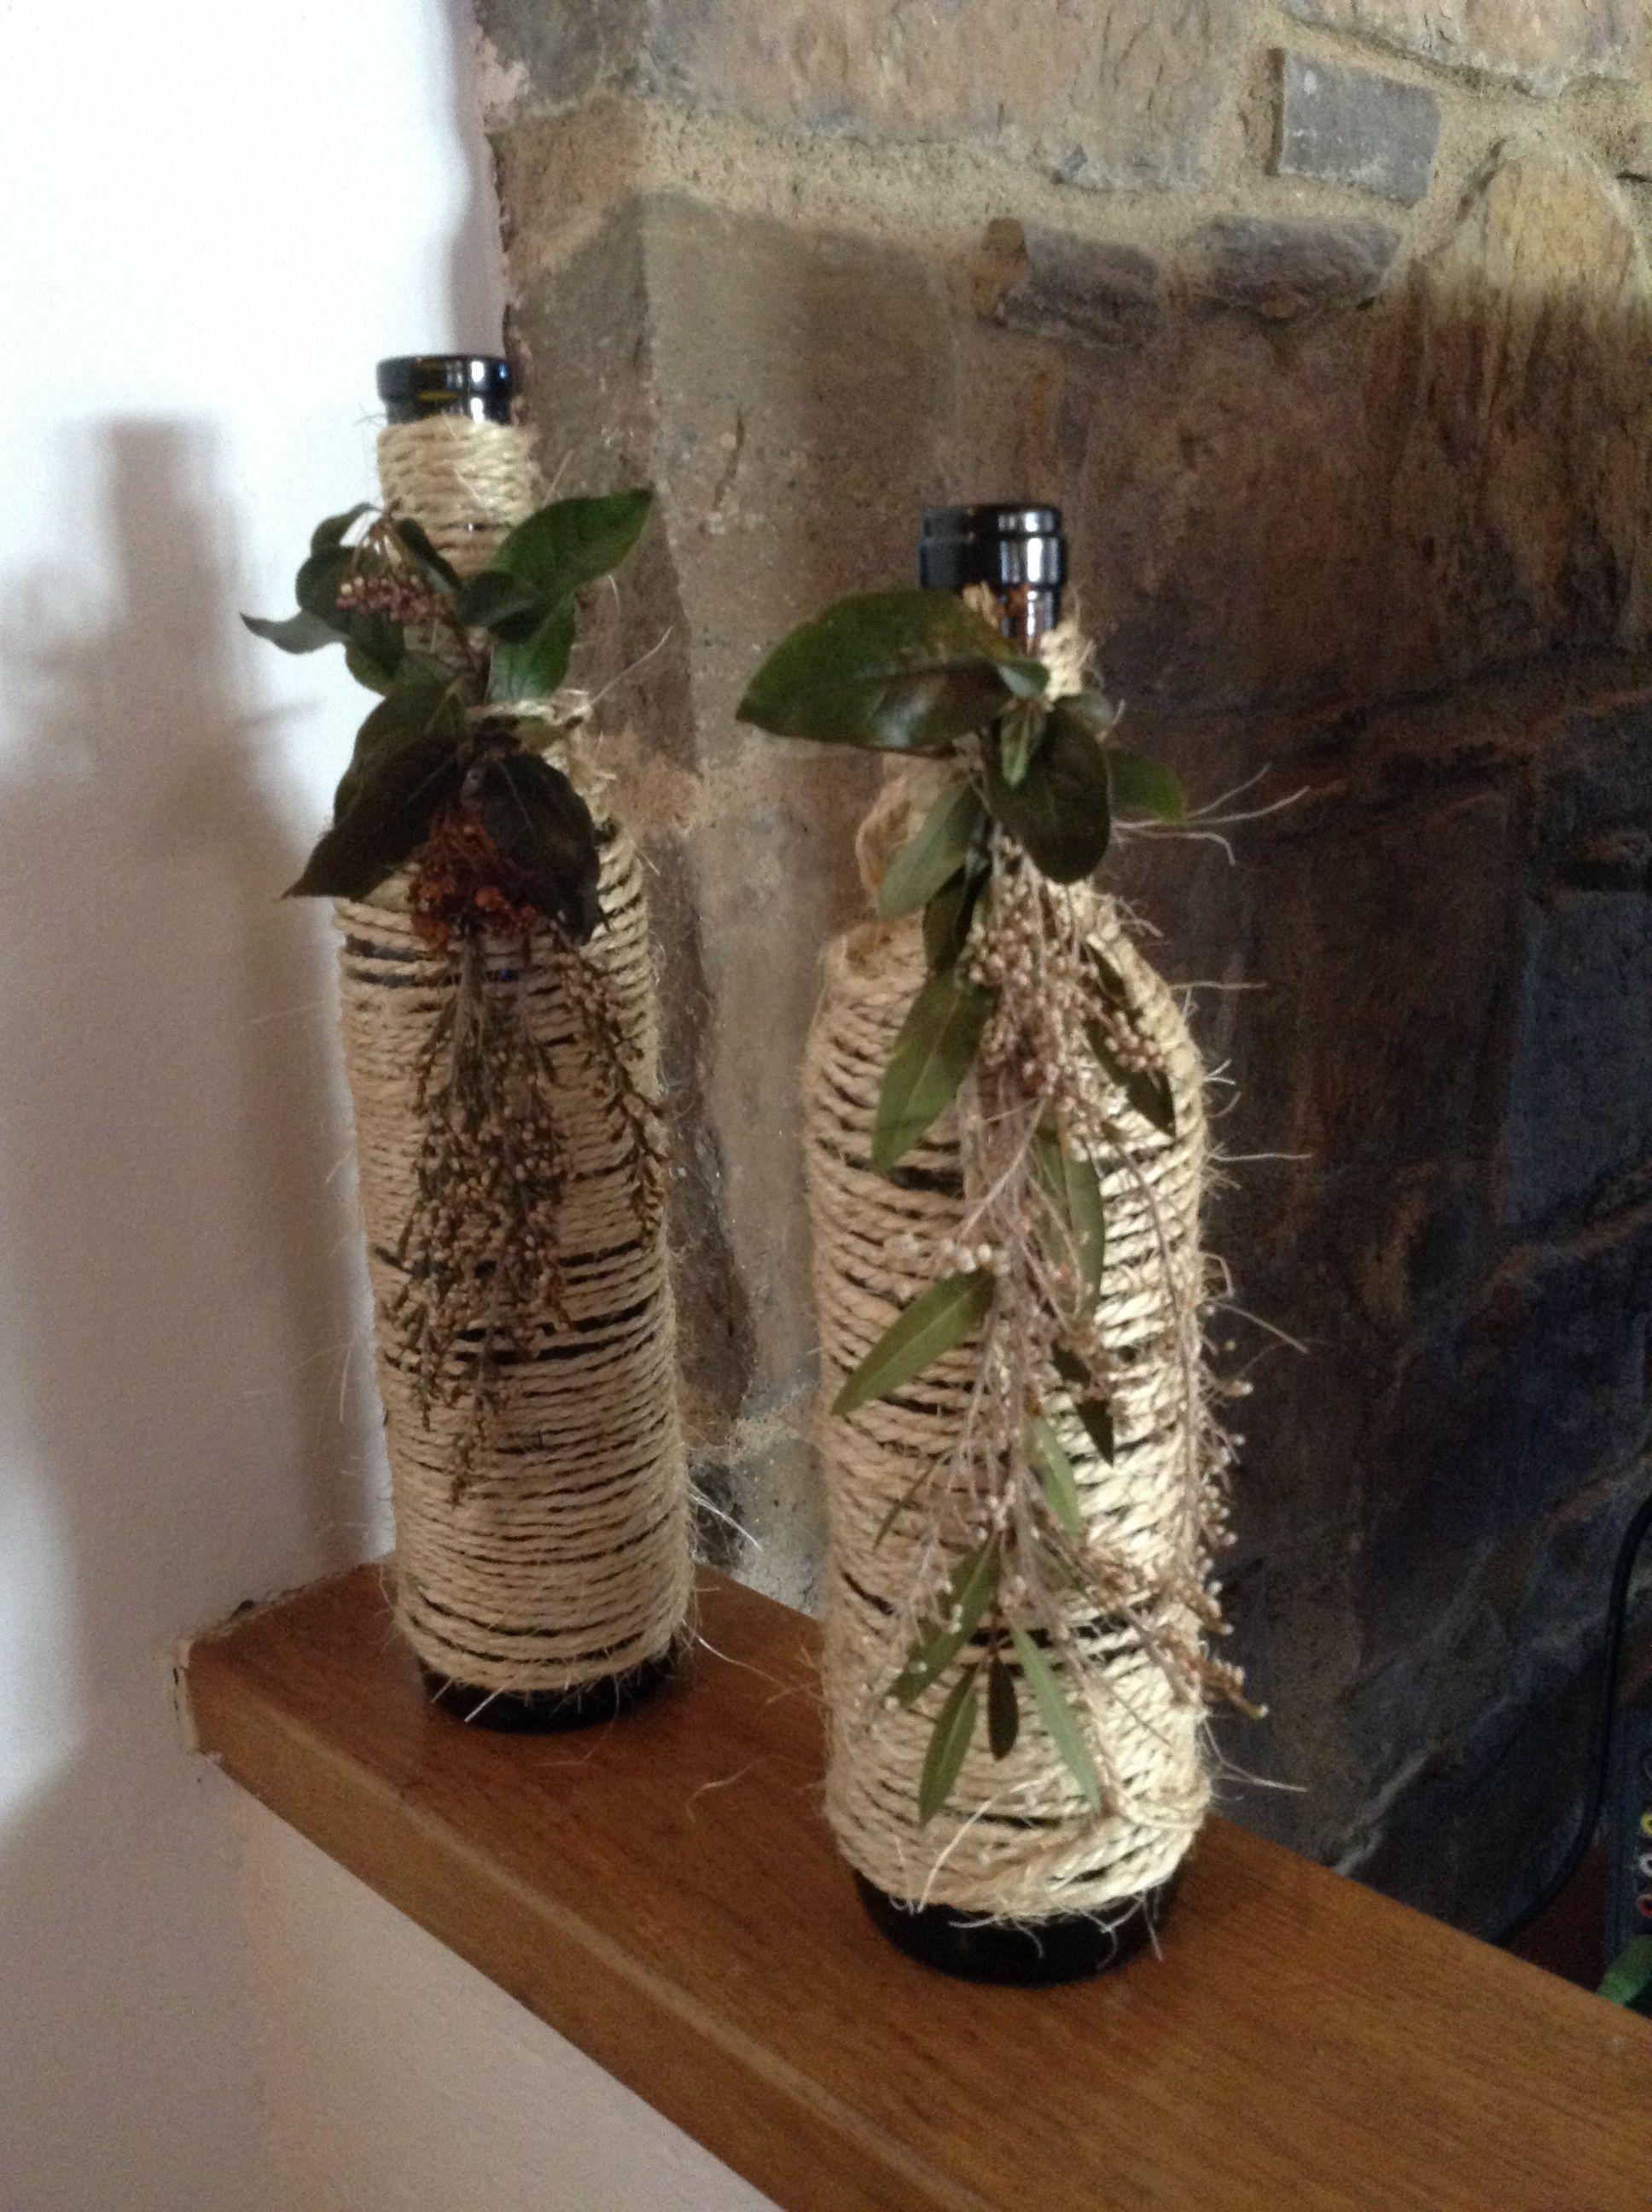 Botellas De Vino Decoradas Para Primera Comunion.Botellas De Vino Decoradas Botellas De Vino Decoradas